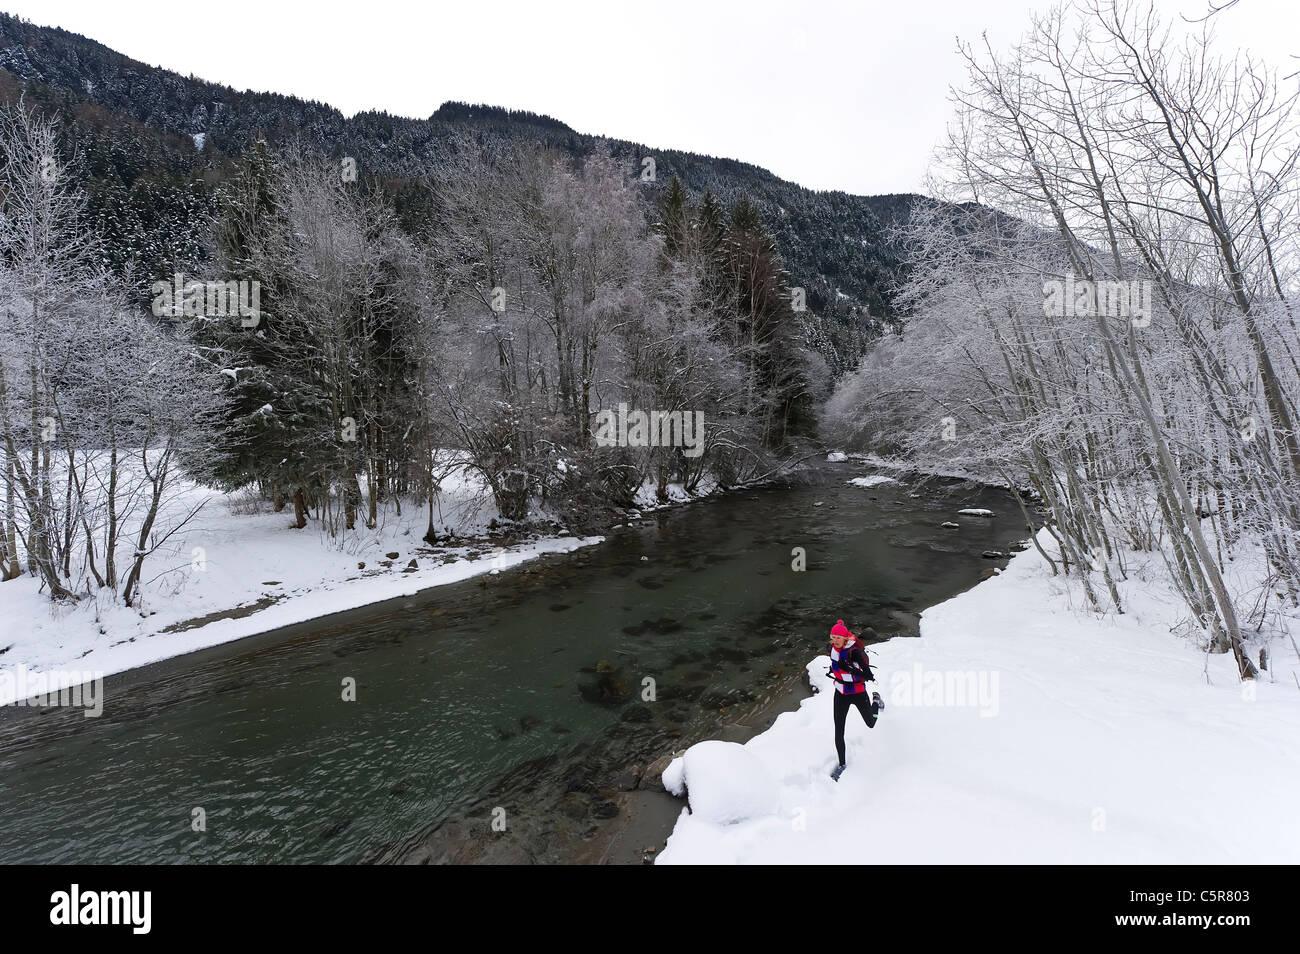 Ein Jogger laufen neben einem verschneiten Fluss. Stockbild